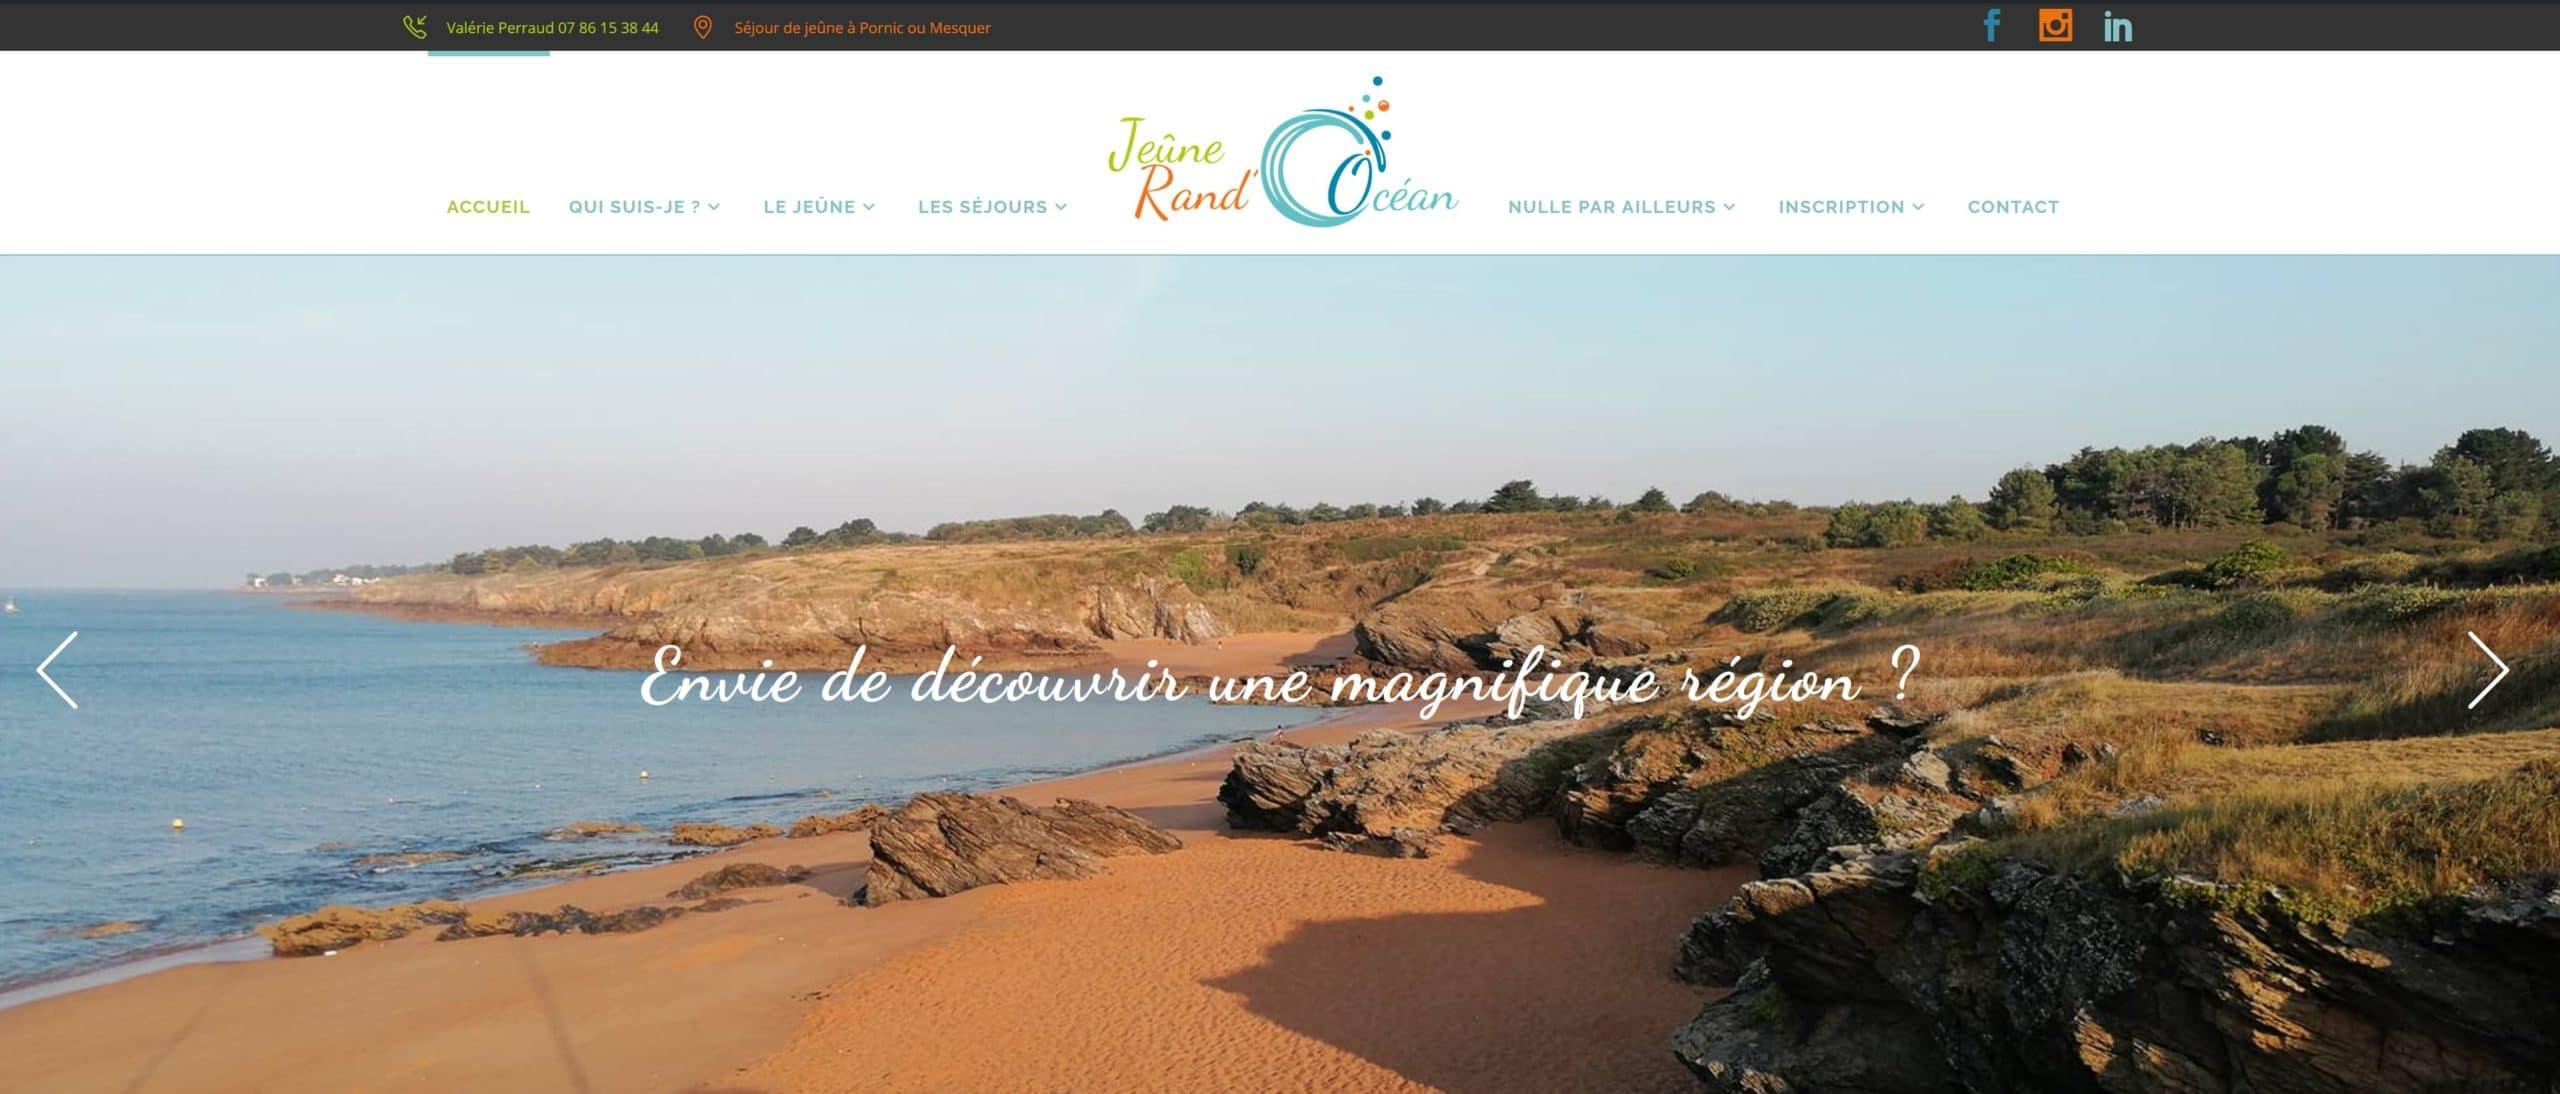 concept-web-design-creation-de-site-jeune-et-rand-ocean-envie-de-decouvrir-une-magnifique-region